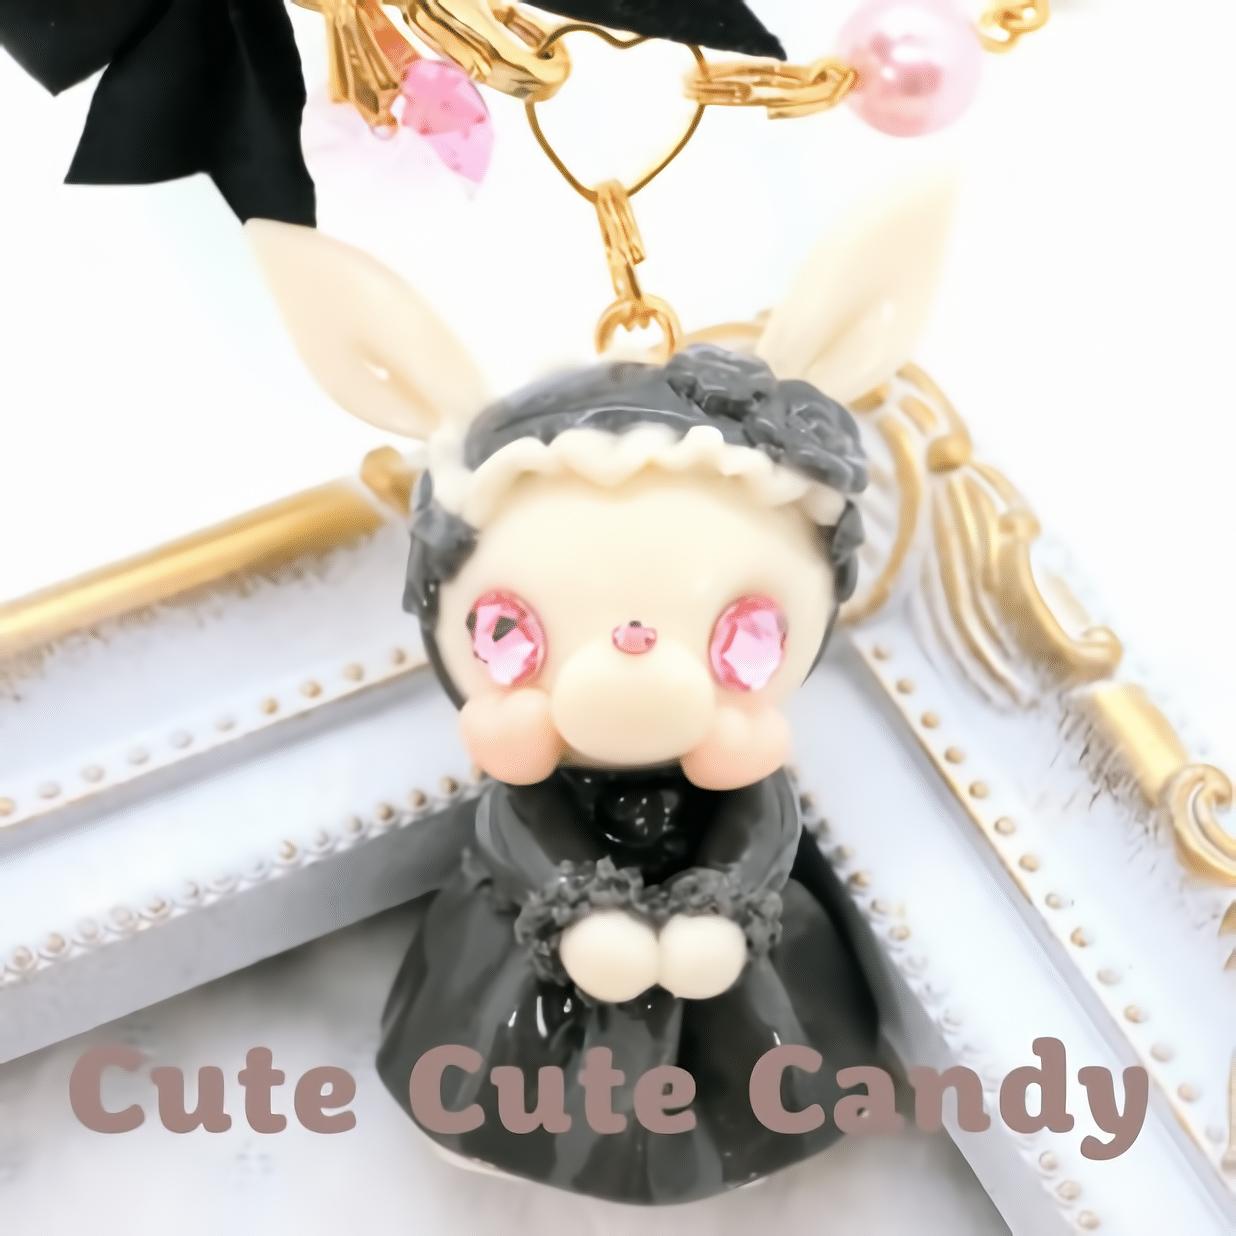 Cute Cute Candy